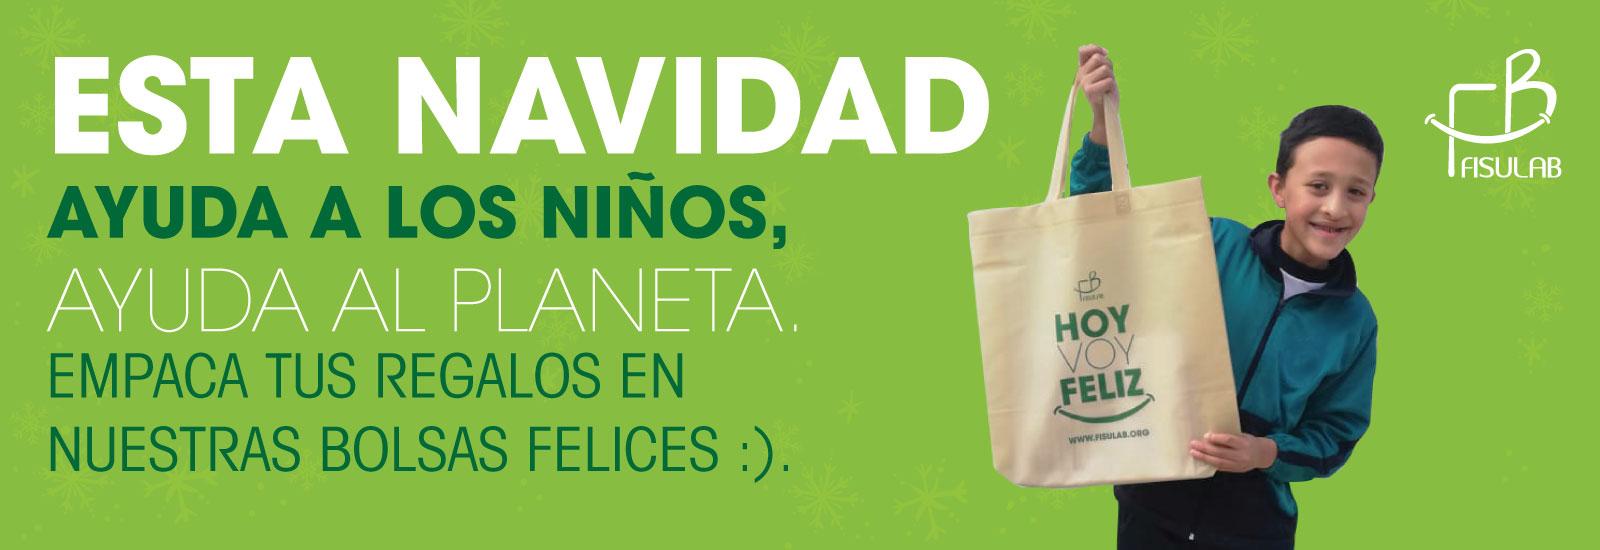 bolsas reciclables regalar navidad